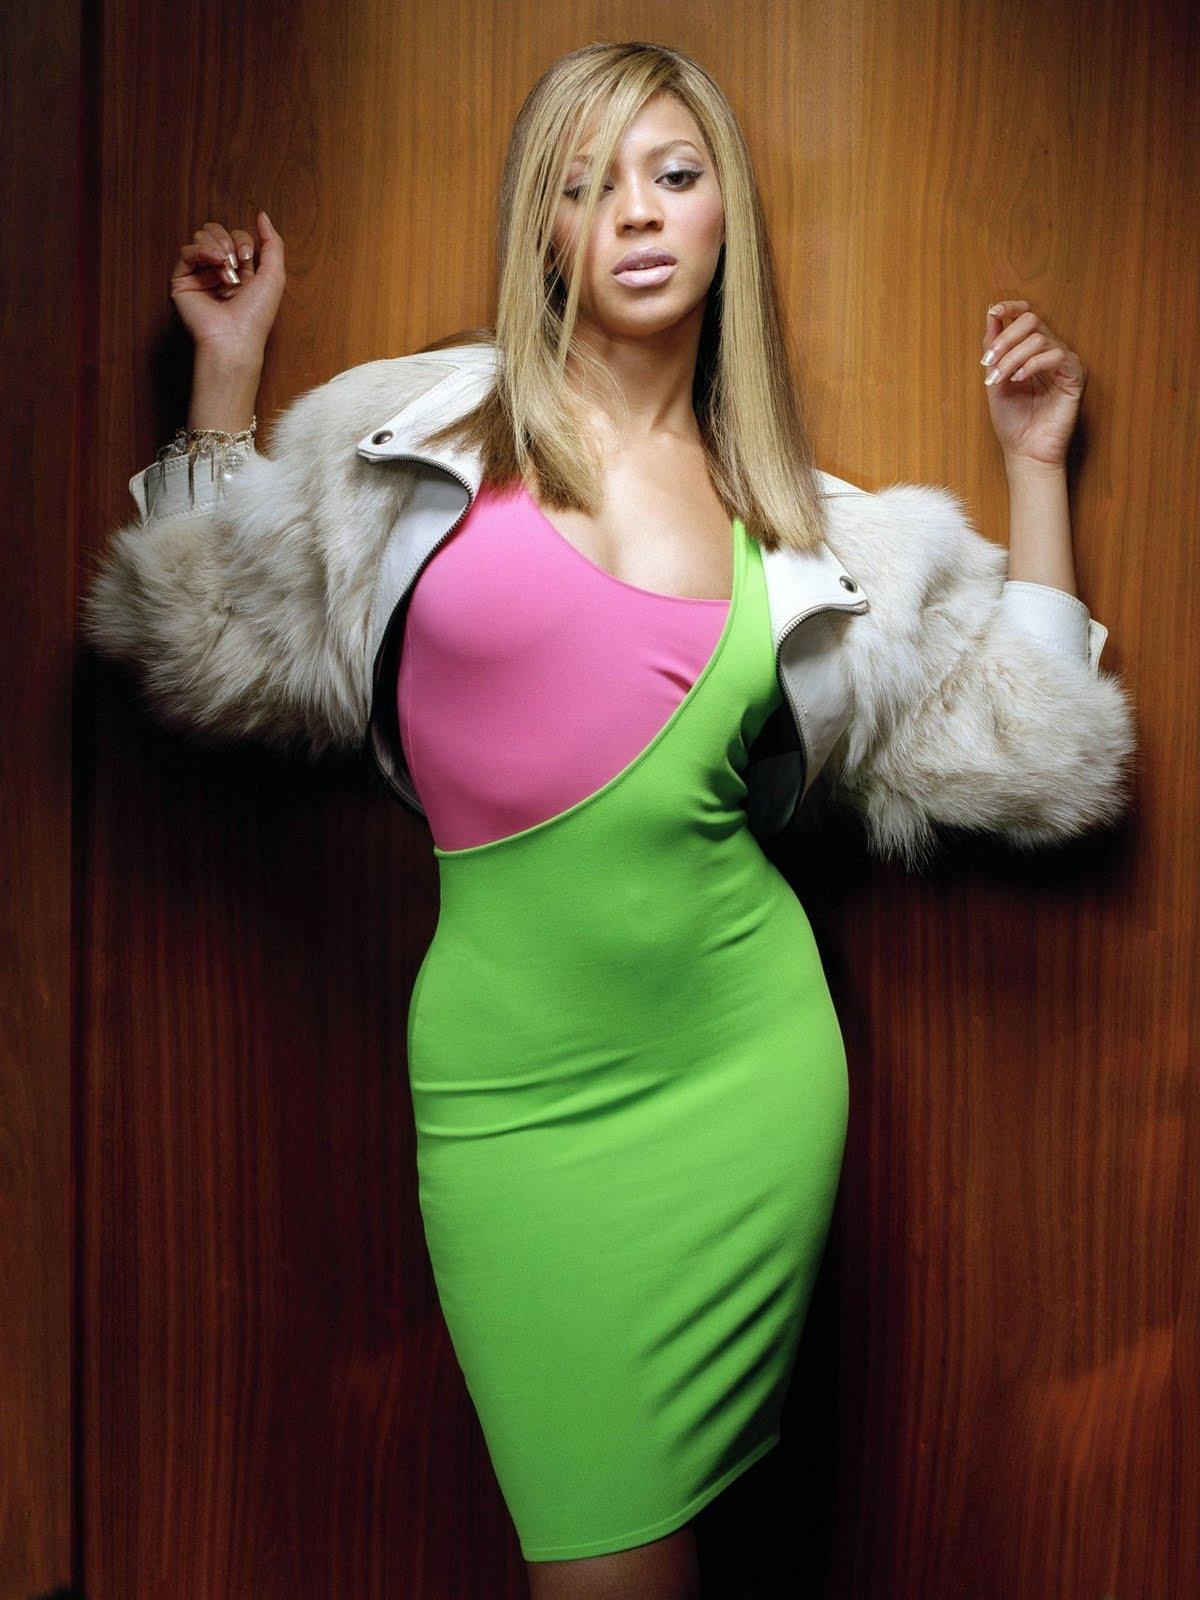 http://3.bp.blogspot.com/_fCAtMdq3Ayo/TGrNm-JHYGI/AAAAAAAABMk/-hI0aa_GeZs/s1600/Beyonce+Knowles.jpg